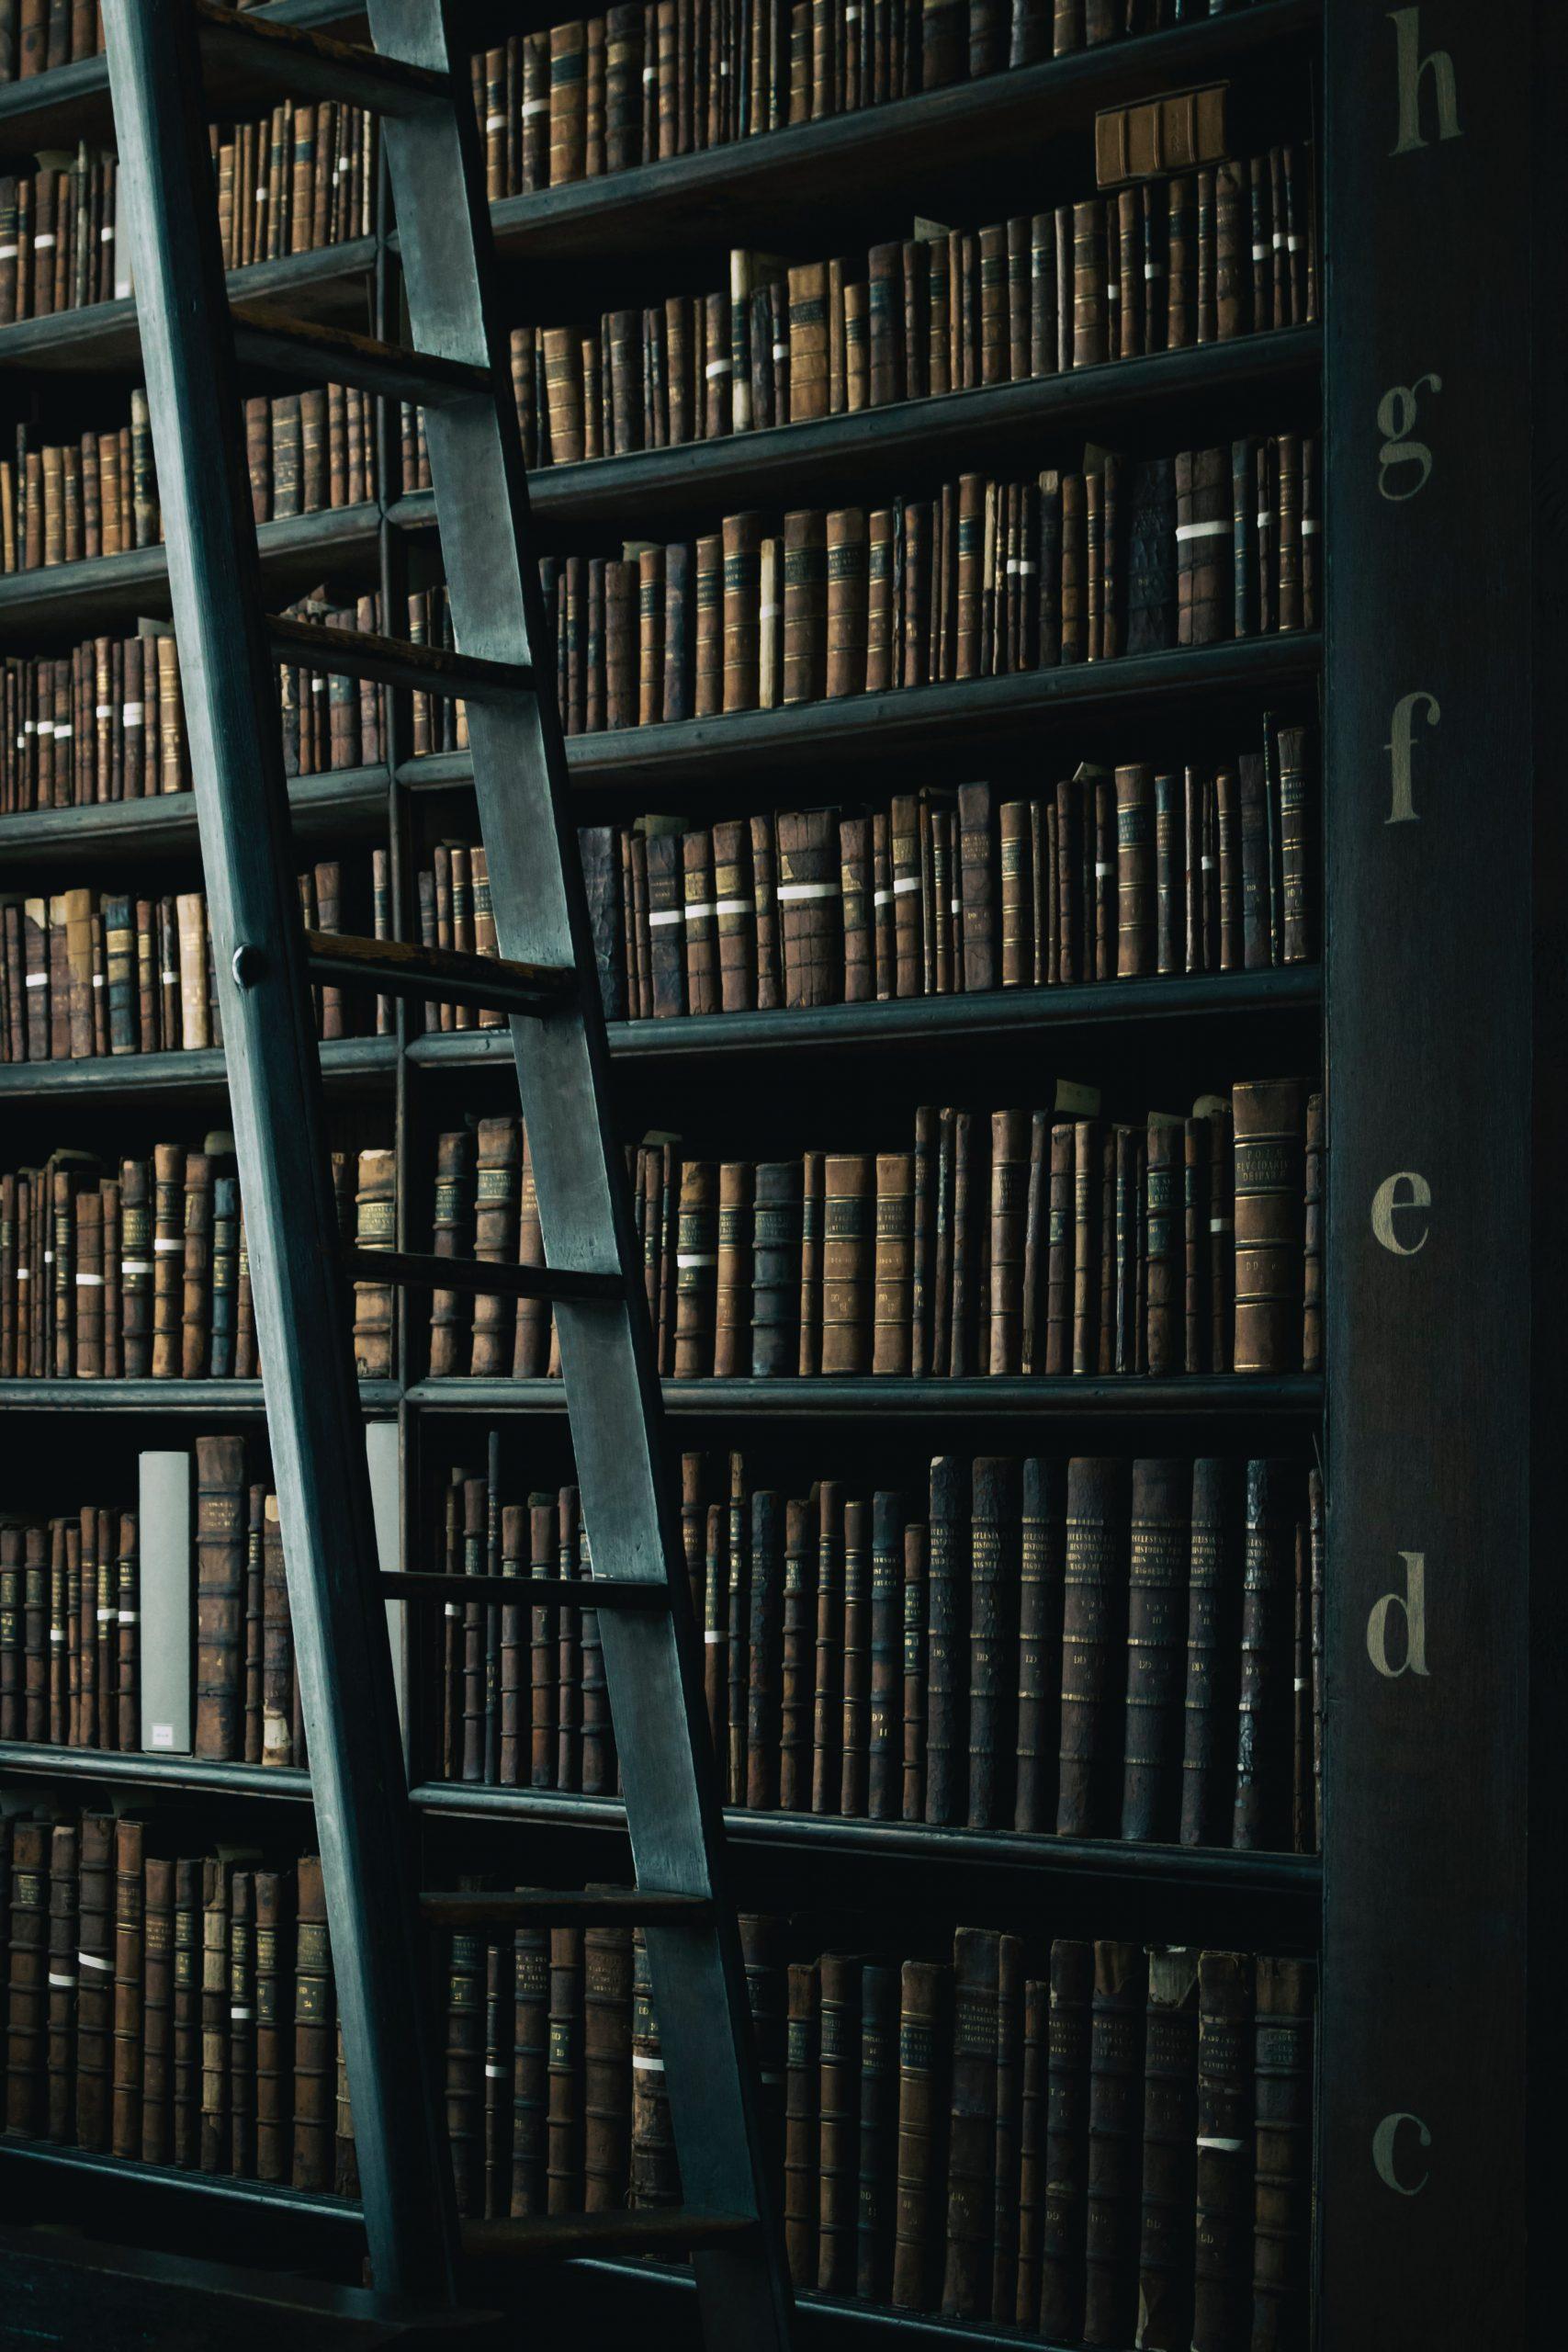 Online bazaar βιβλίων από το Μουσείο Μπενάκη